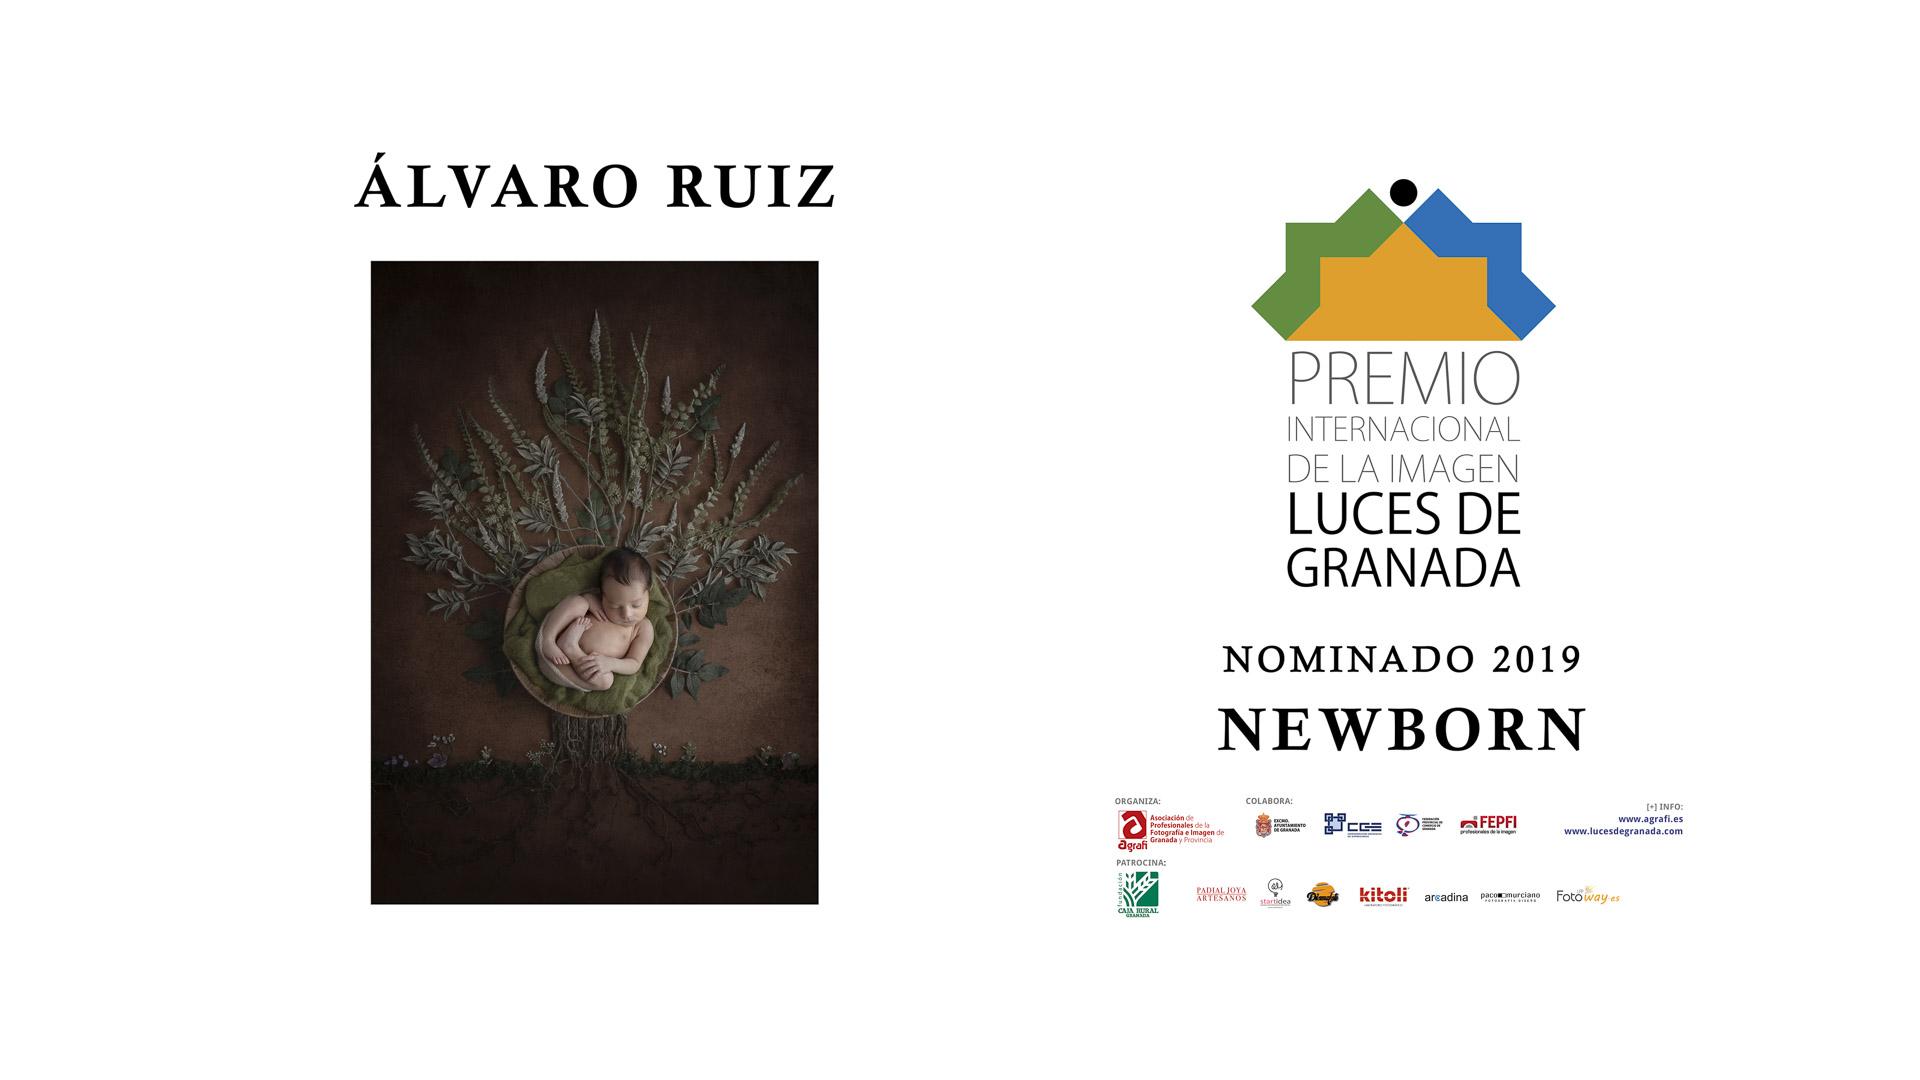 NB05_ALVARO RUIZ